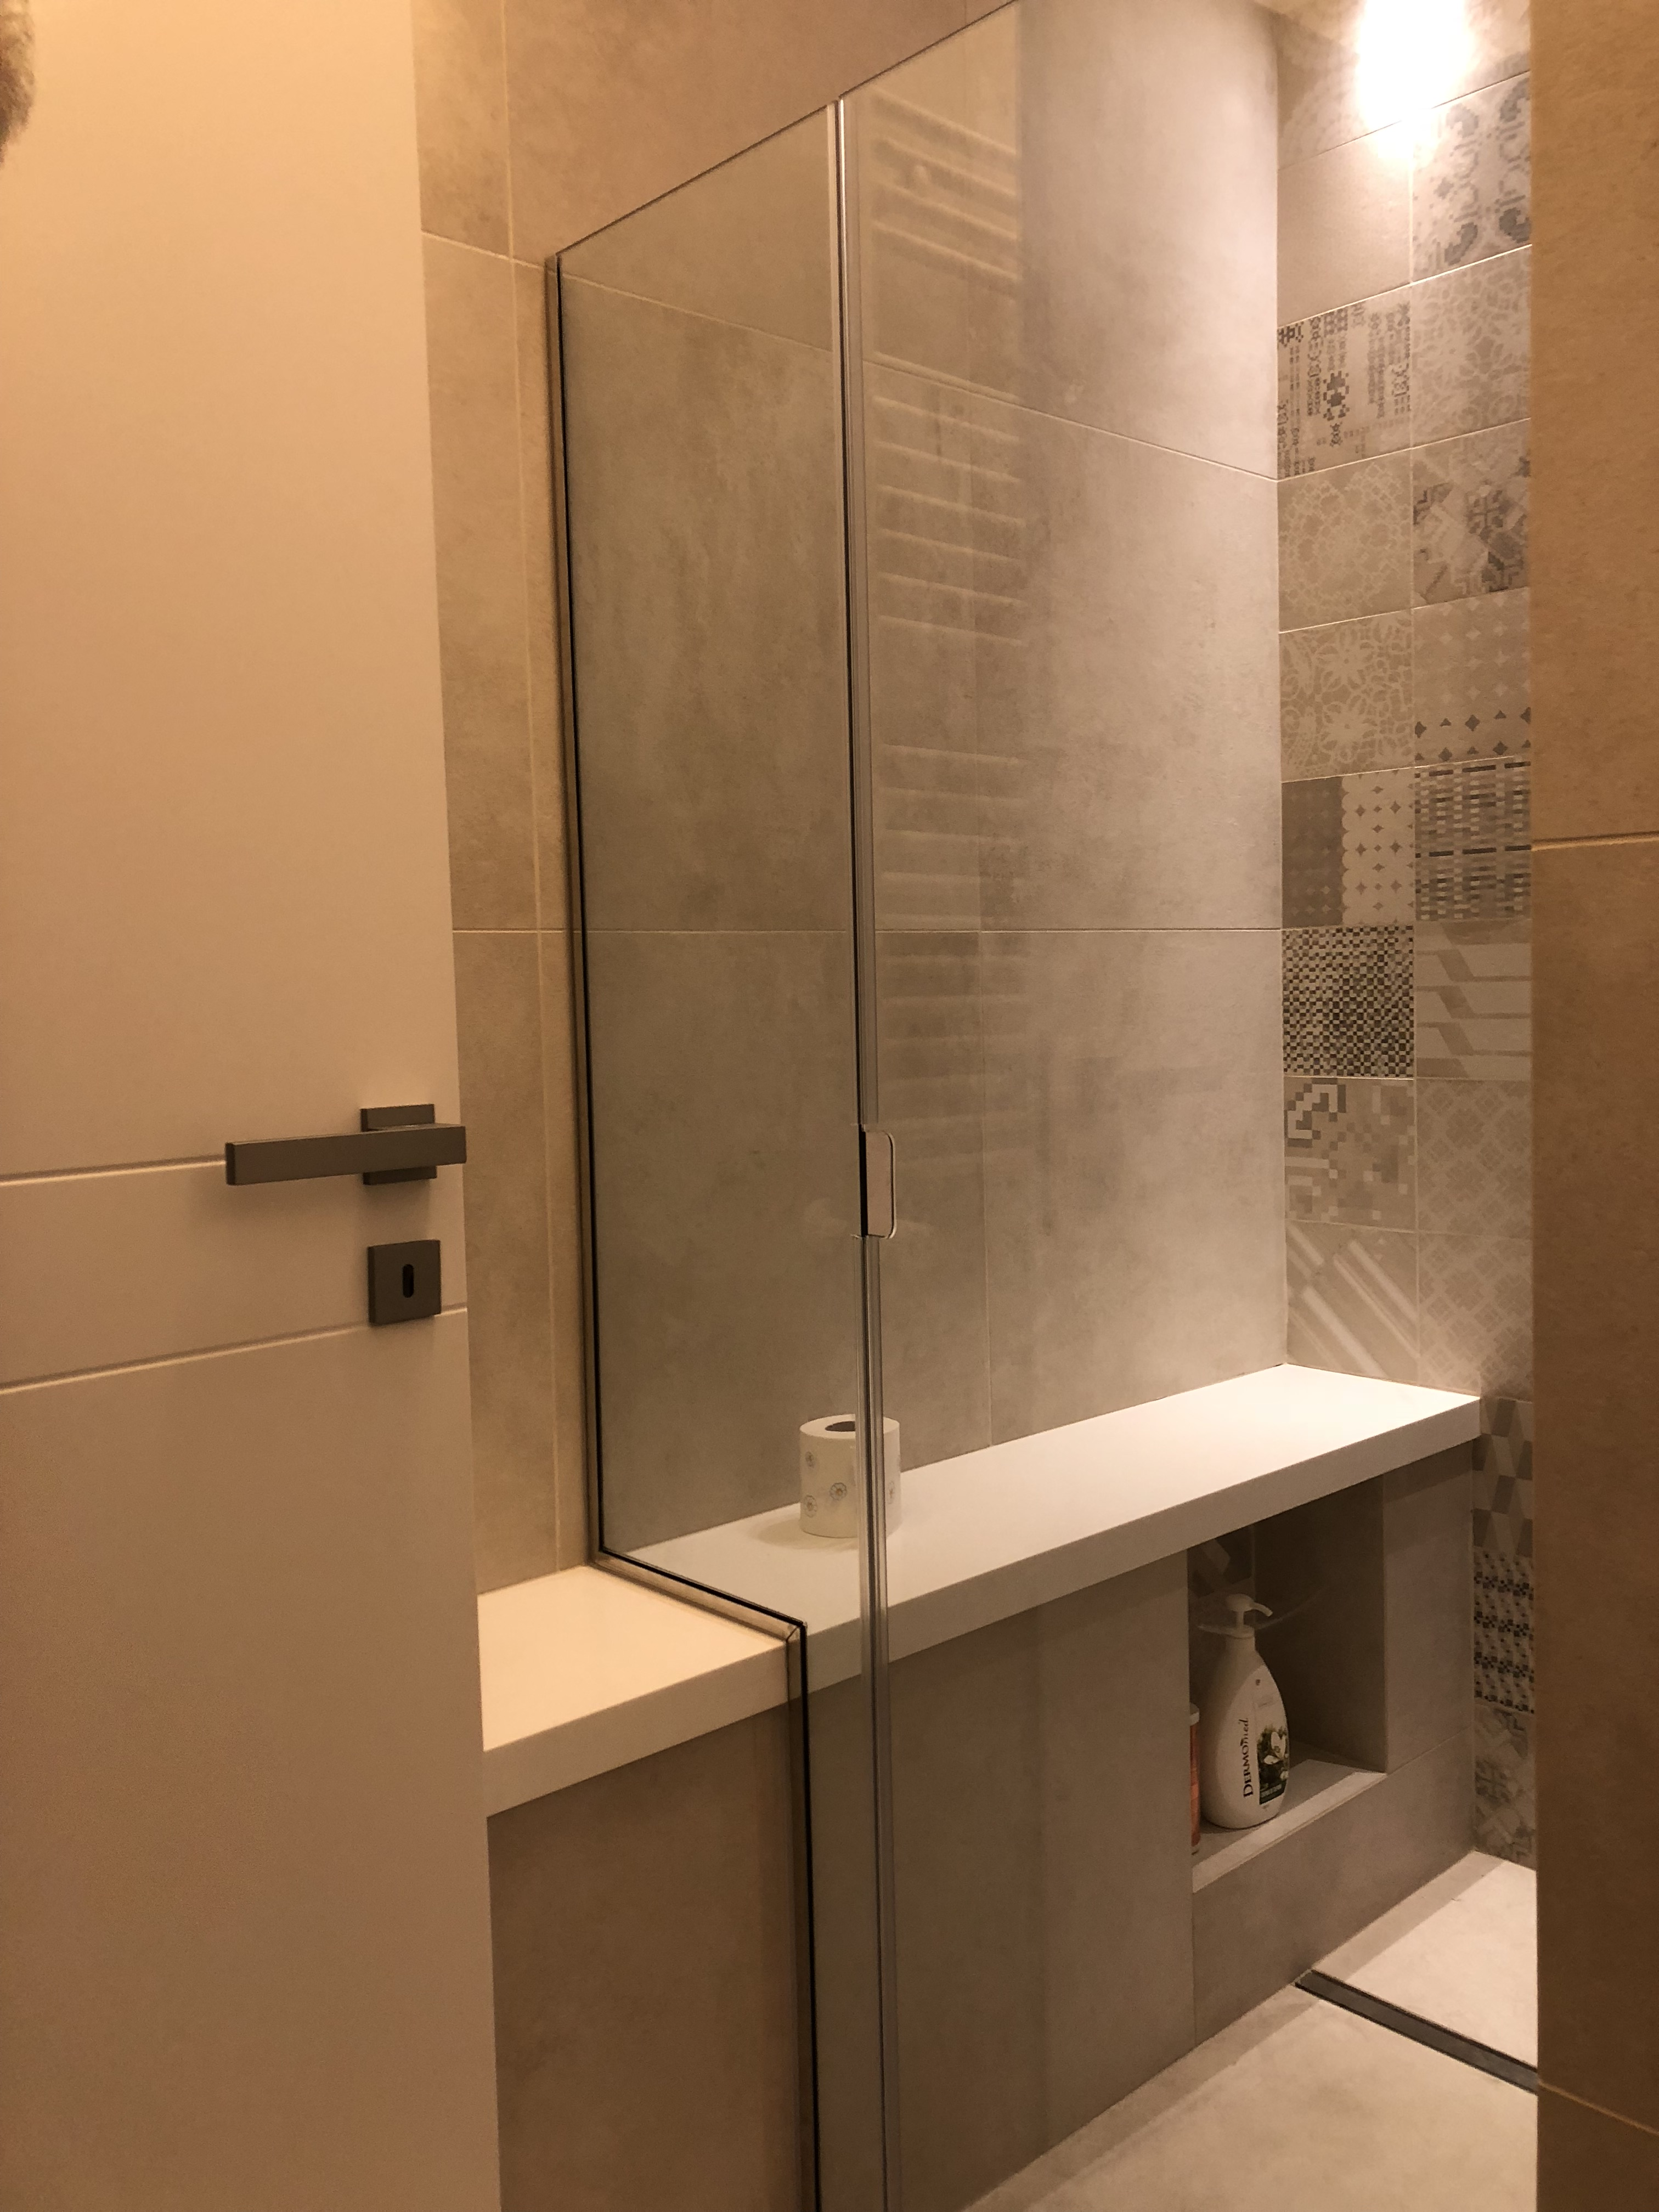 Vetreria pecci arredo bagno in vetro box doccia top da bagno in vetro sagomato a roma - Arredo bagni roma ...